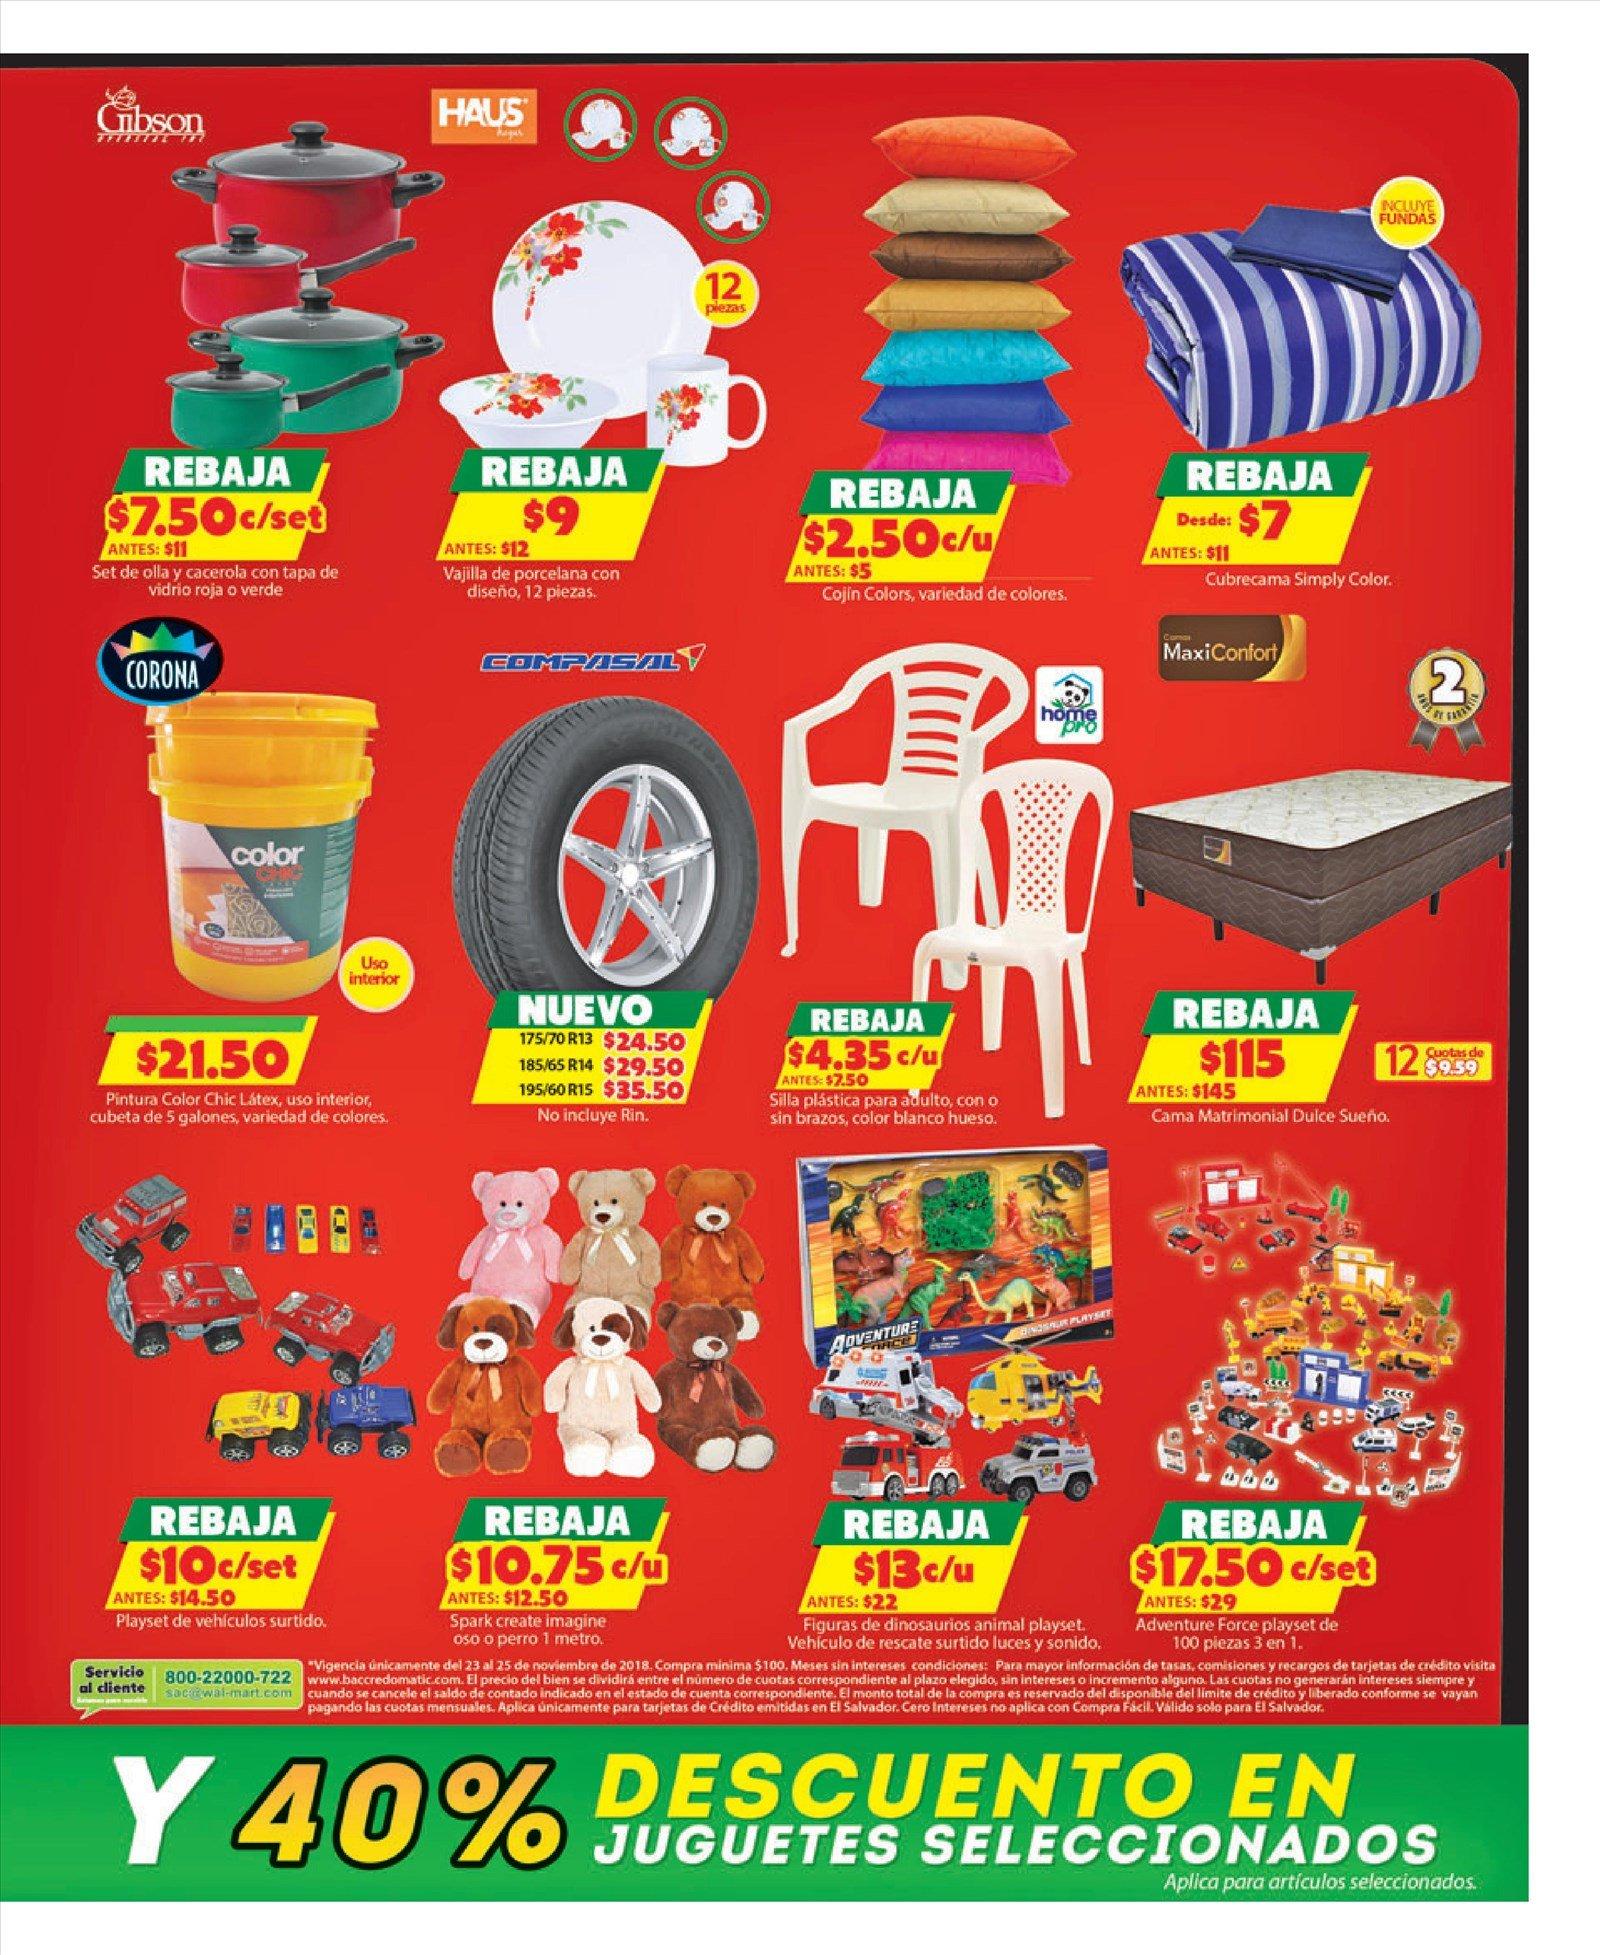 ad5f4bb31 Todo el almacen carros jueguetes adornos ofertas viernes negro - Ofertas  Ahora